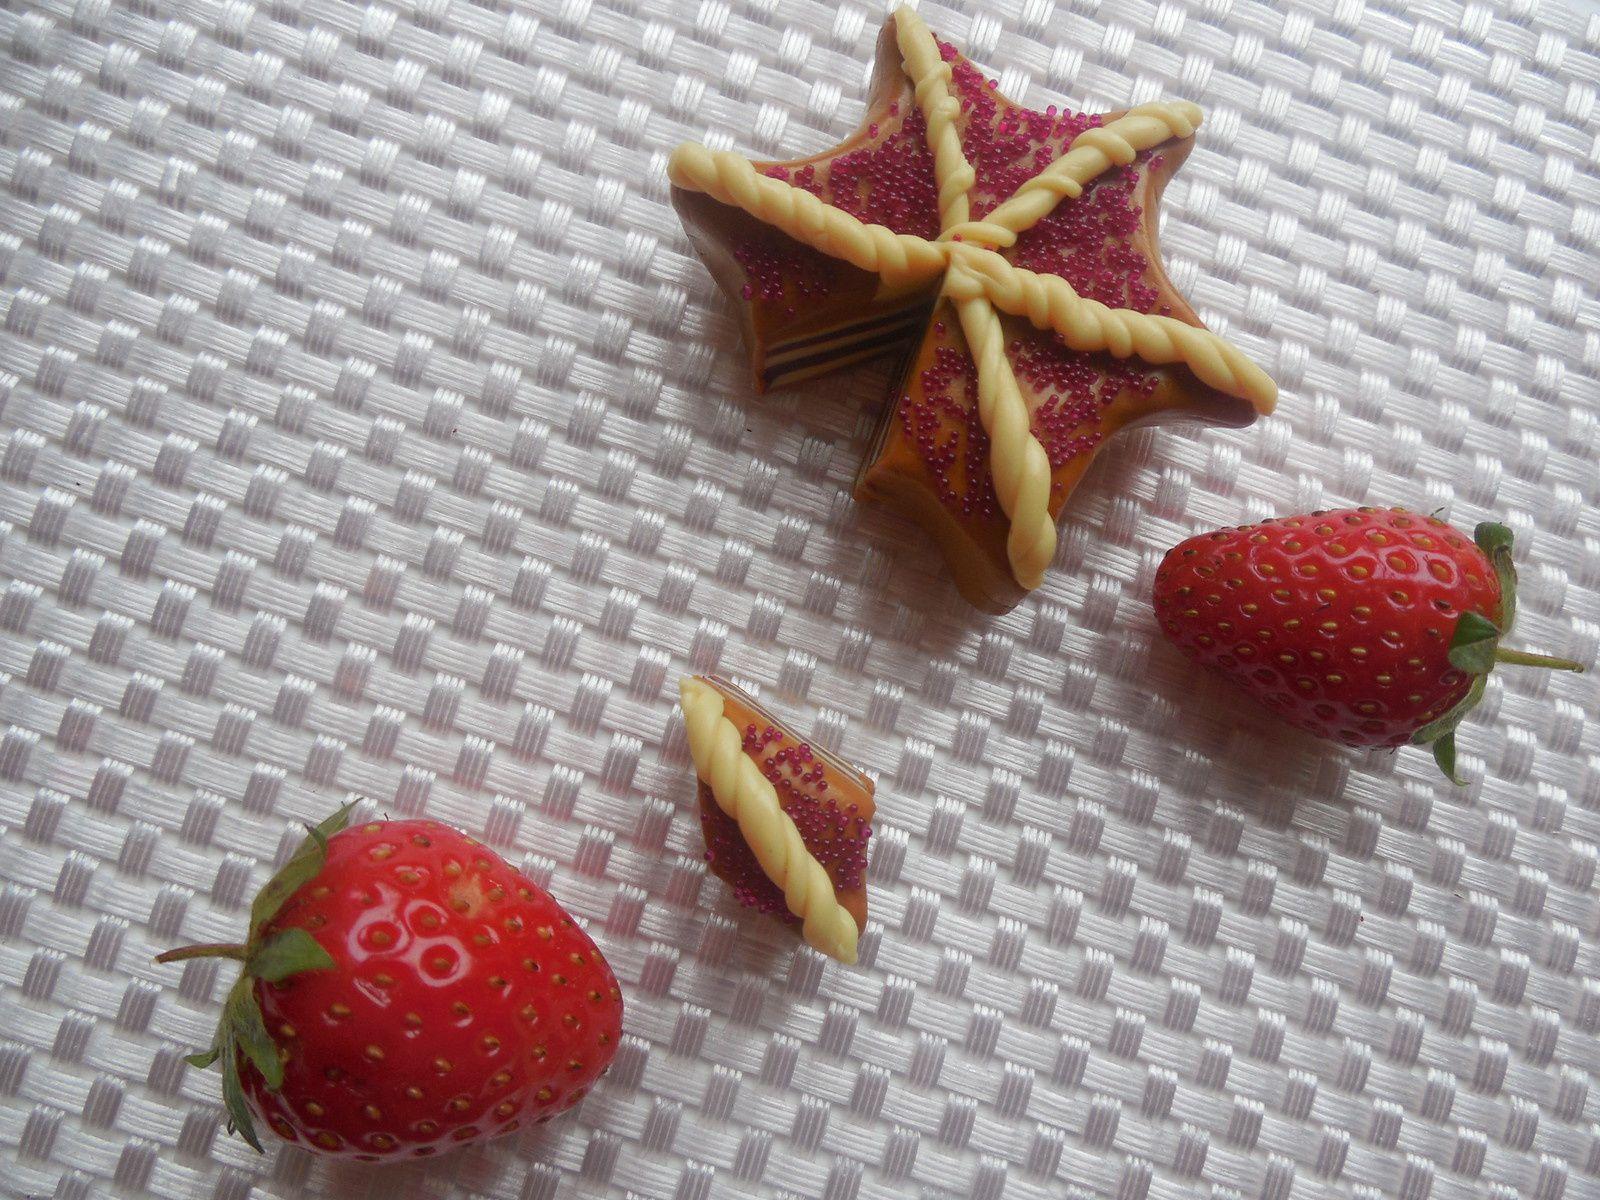 Réalisé avec de la pâte polymère caramel, bordeaux, et vanille. Emporte-pièce étoile ( forme de votre choix ). Décoration : microbilles rose framboise et torsade réalisé en pâte vanille.